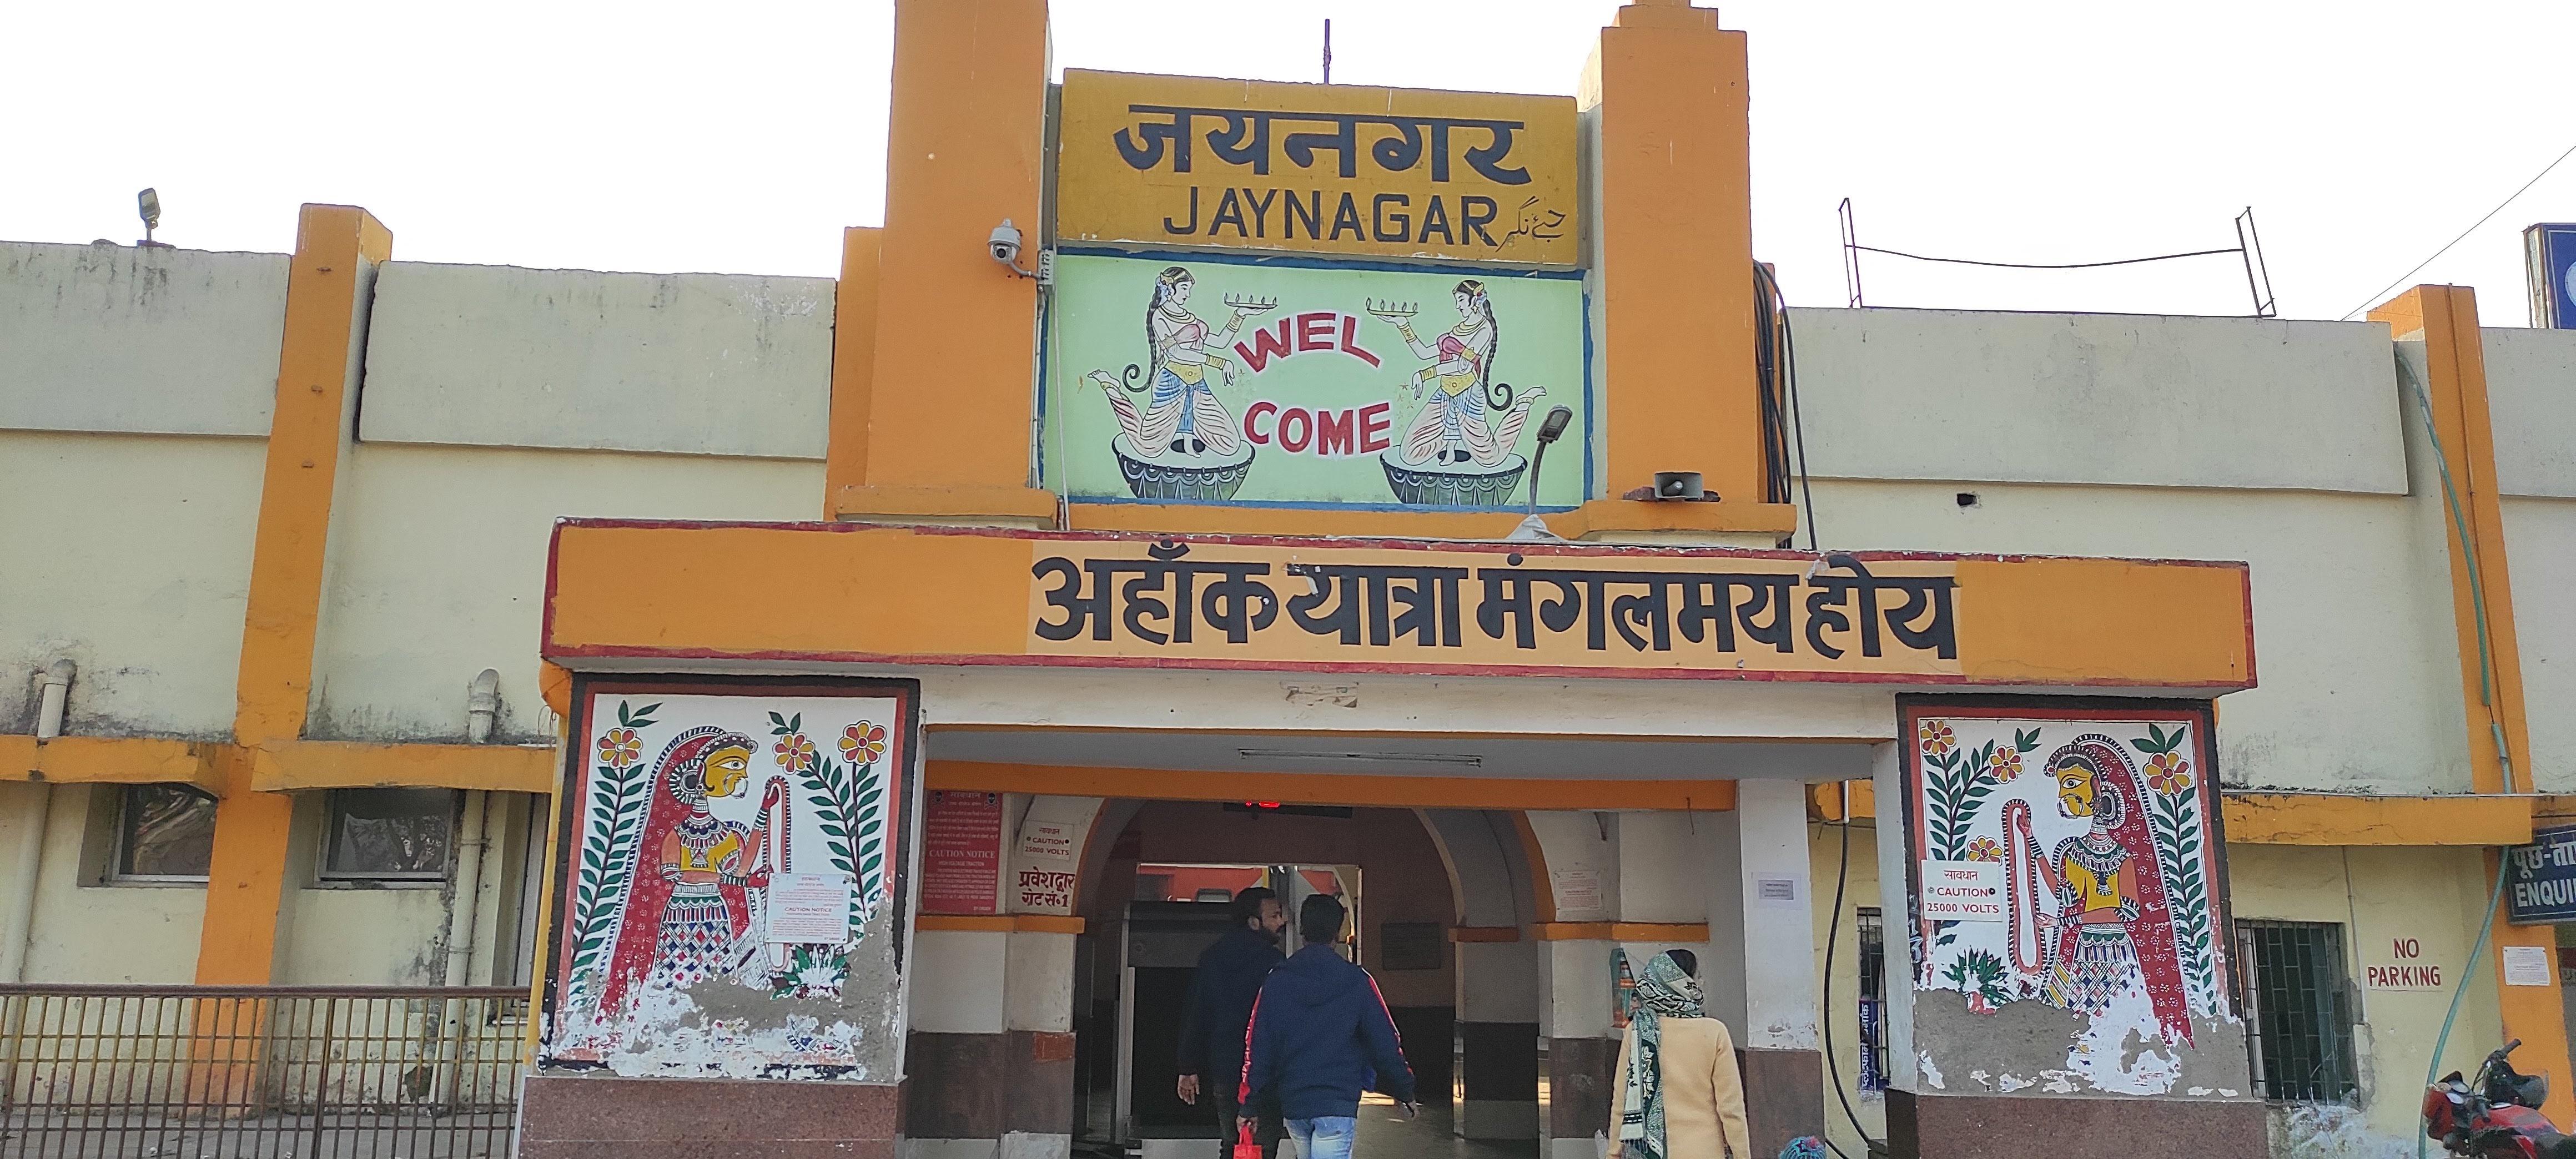 जयनगर रेलवे स्टेशन